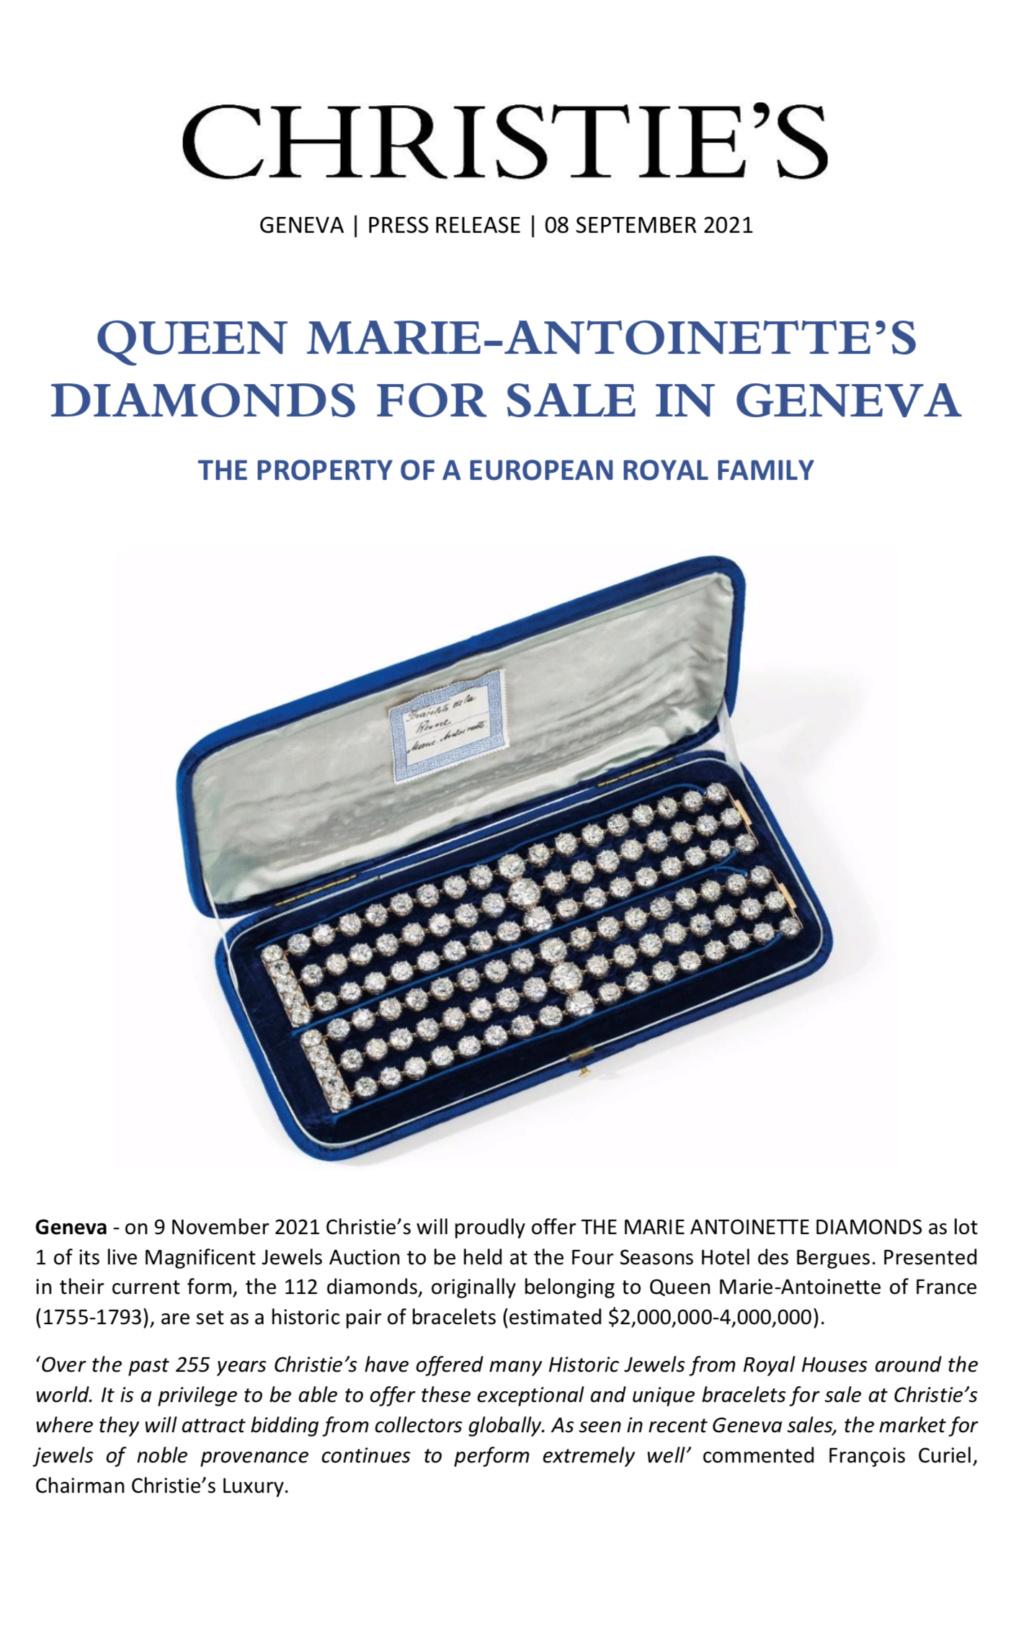 Bijoux de Marie-Antoinette : inventaire des parures, diamants et perles envoyés à Bruxelles durant la Révolution Capt3011